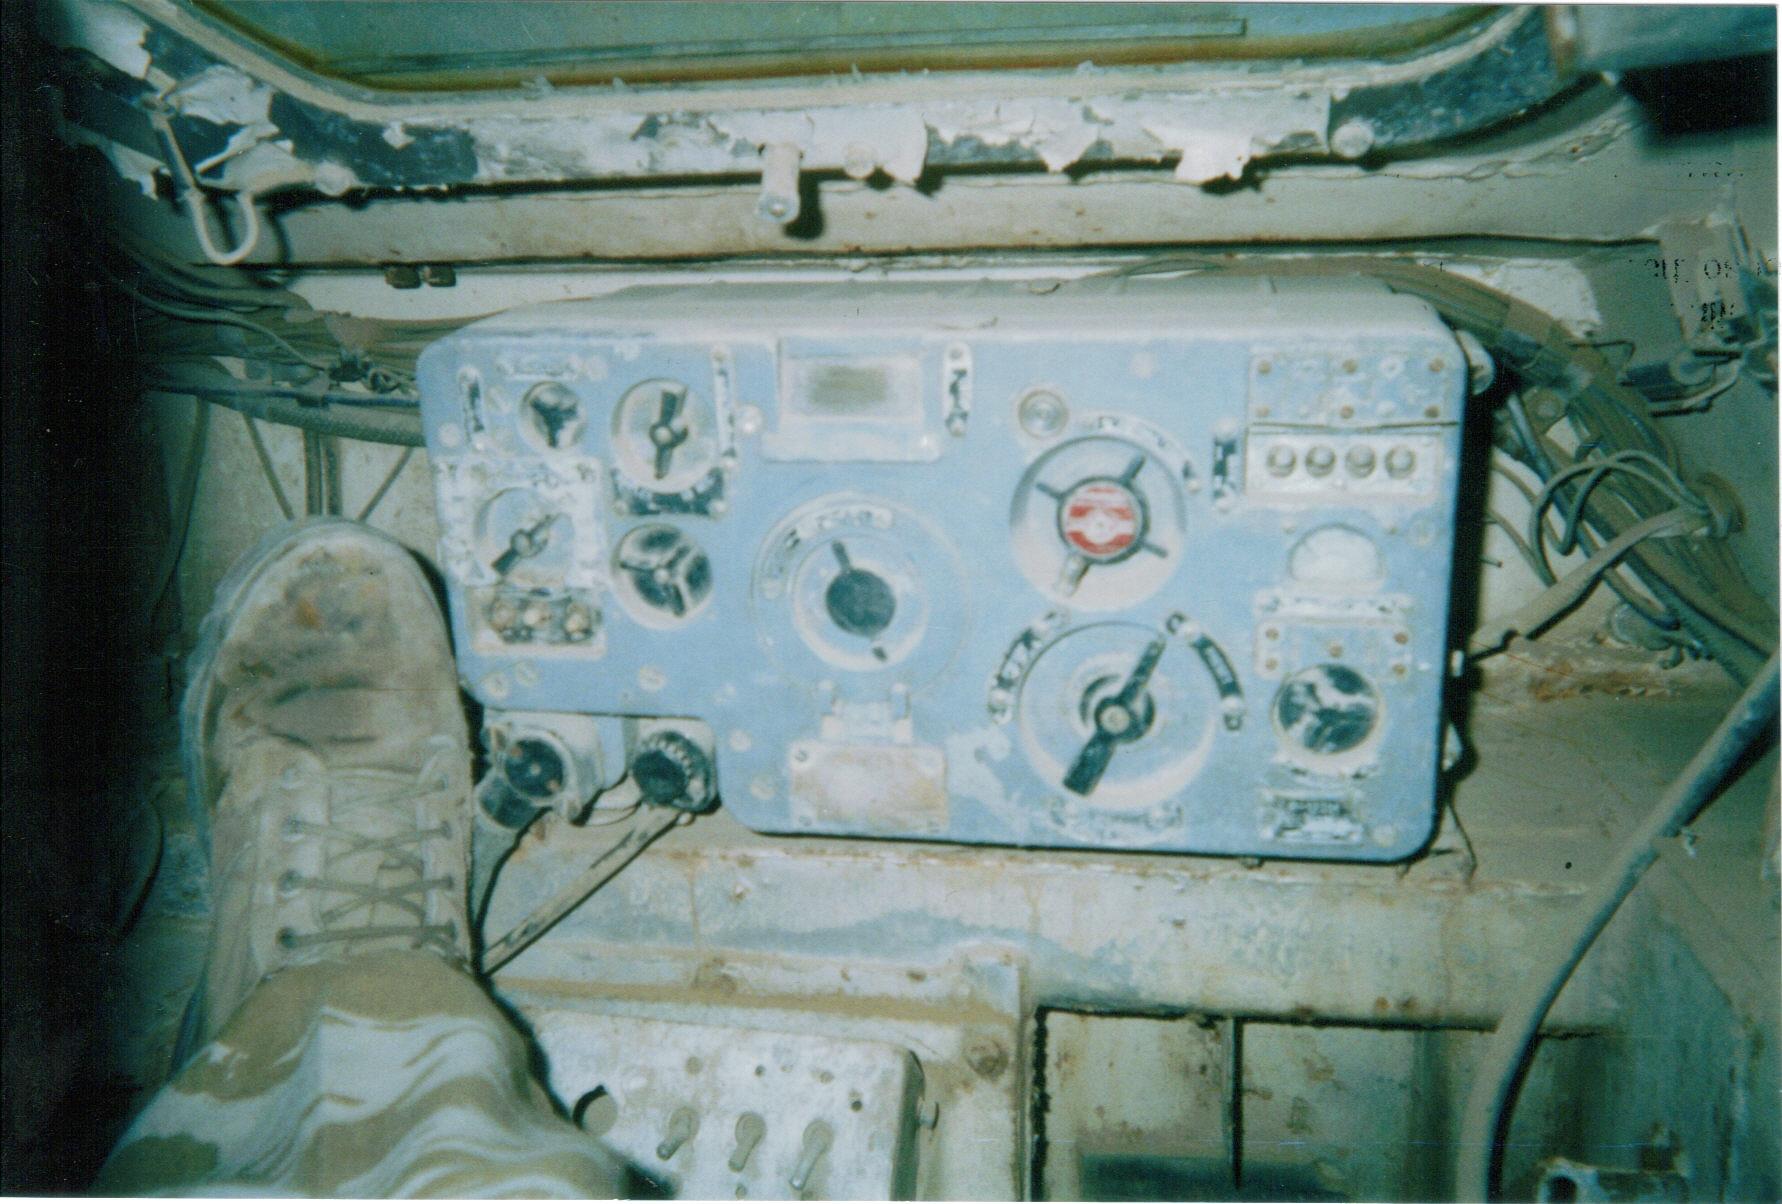 iraqui radio.jpg